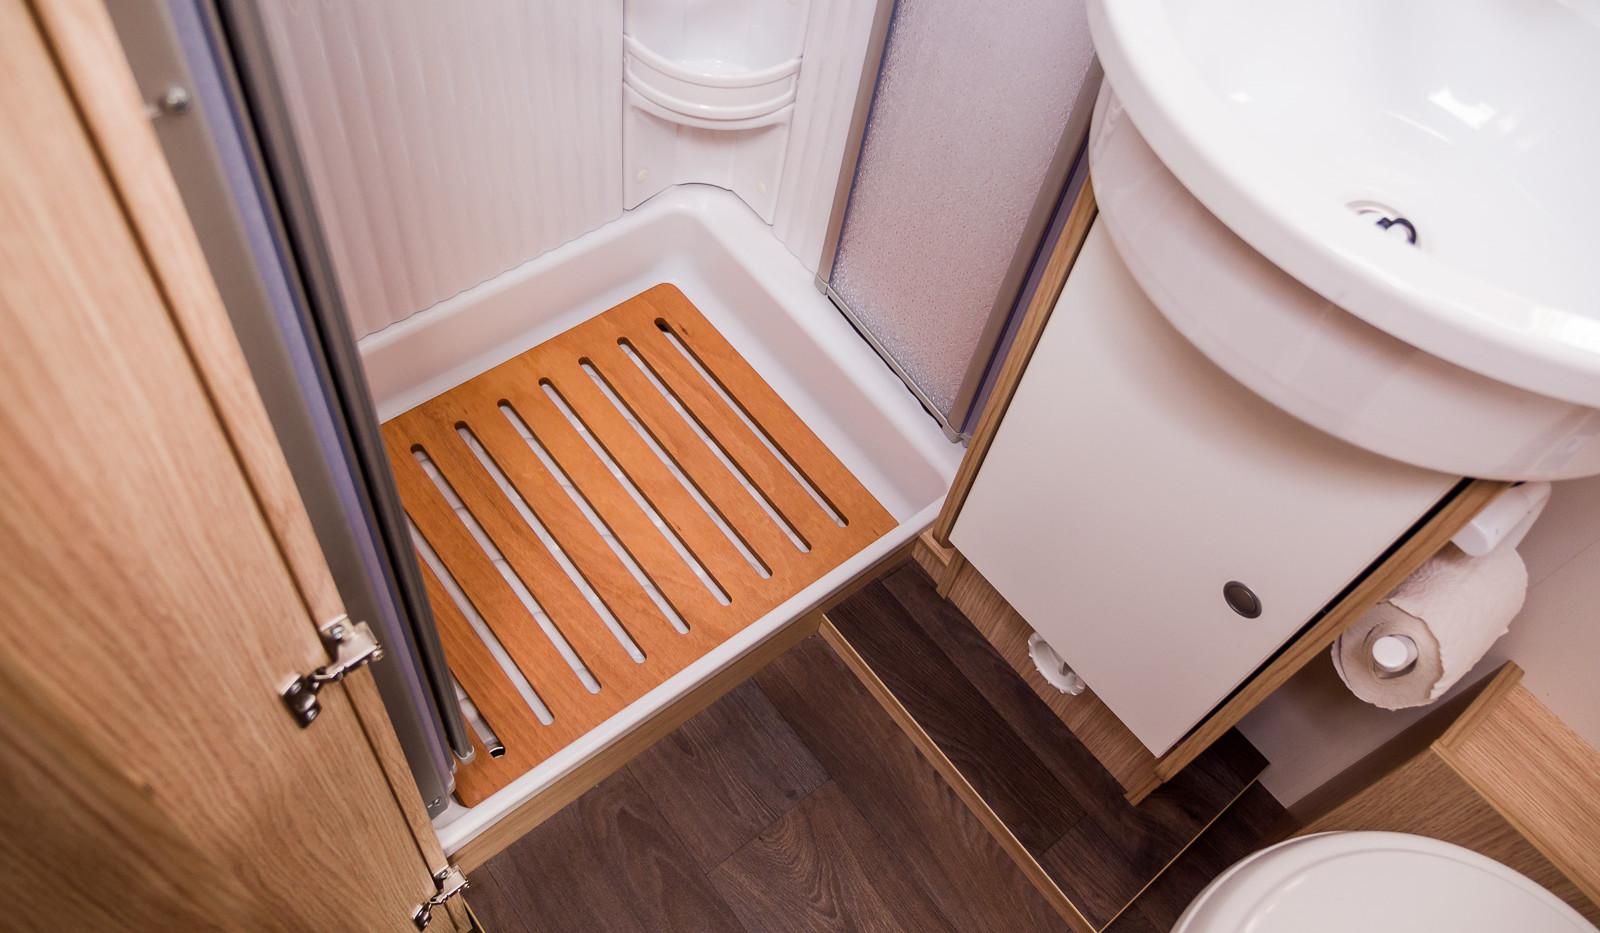 Sunlight A70 Dusche BAD Waschbecken wohn